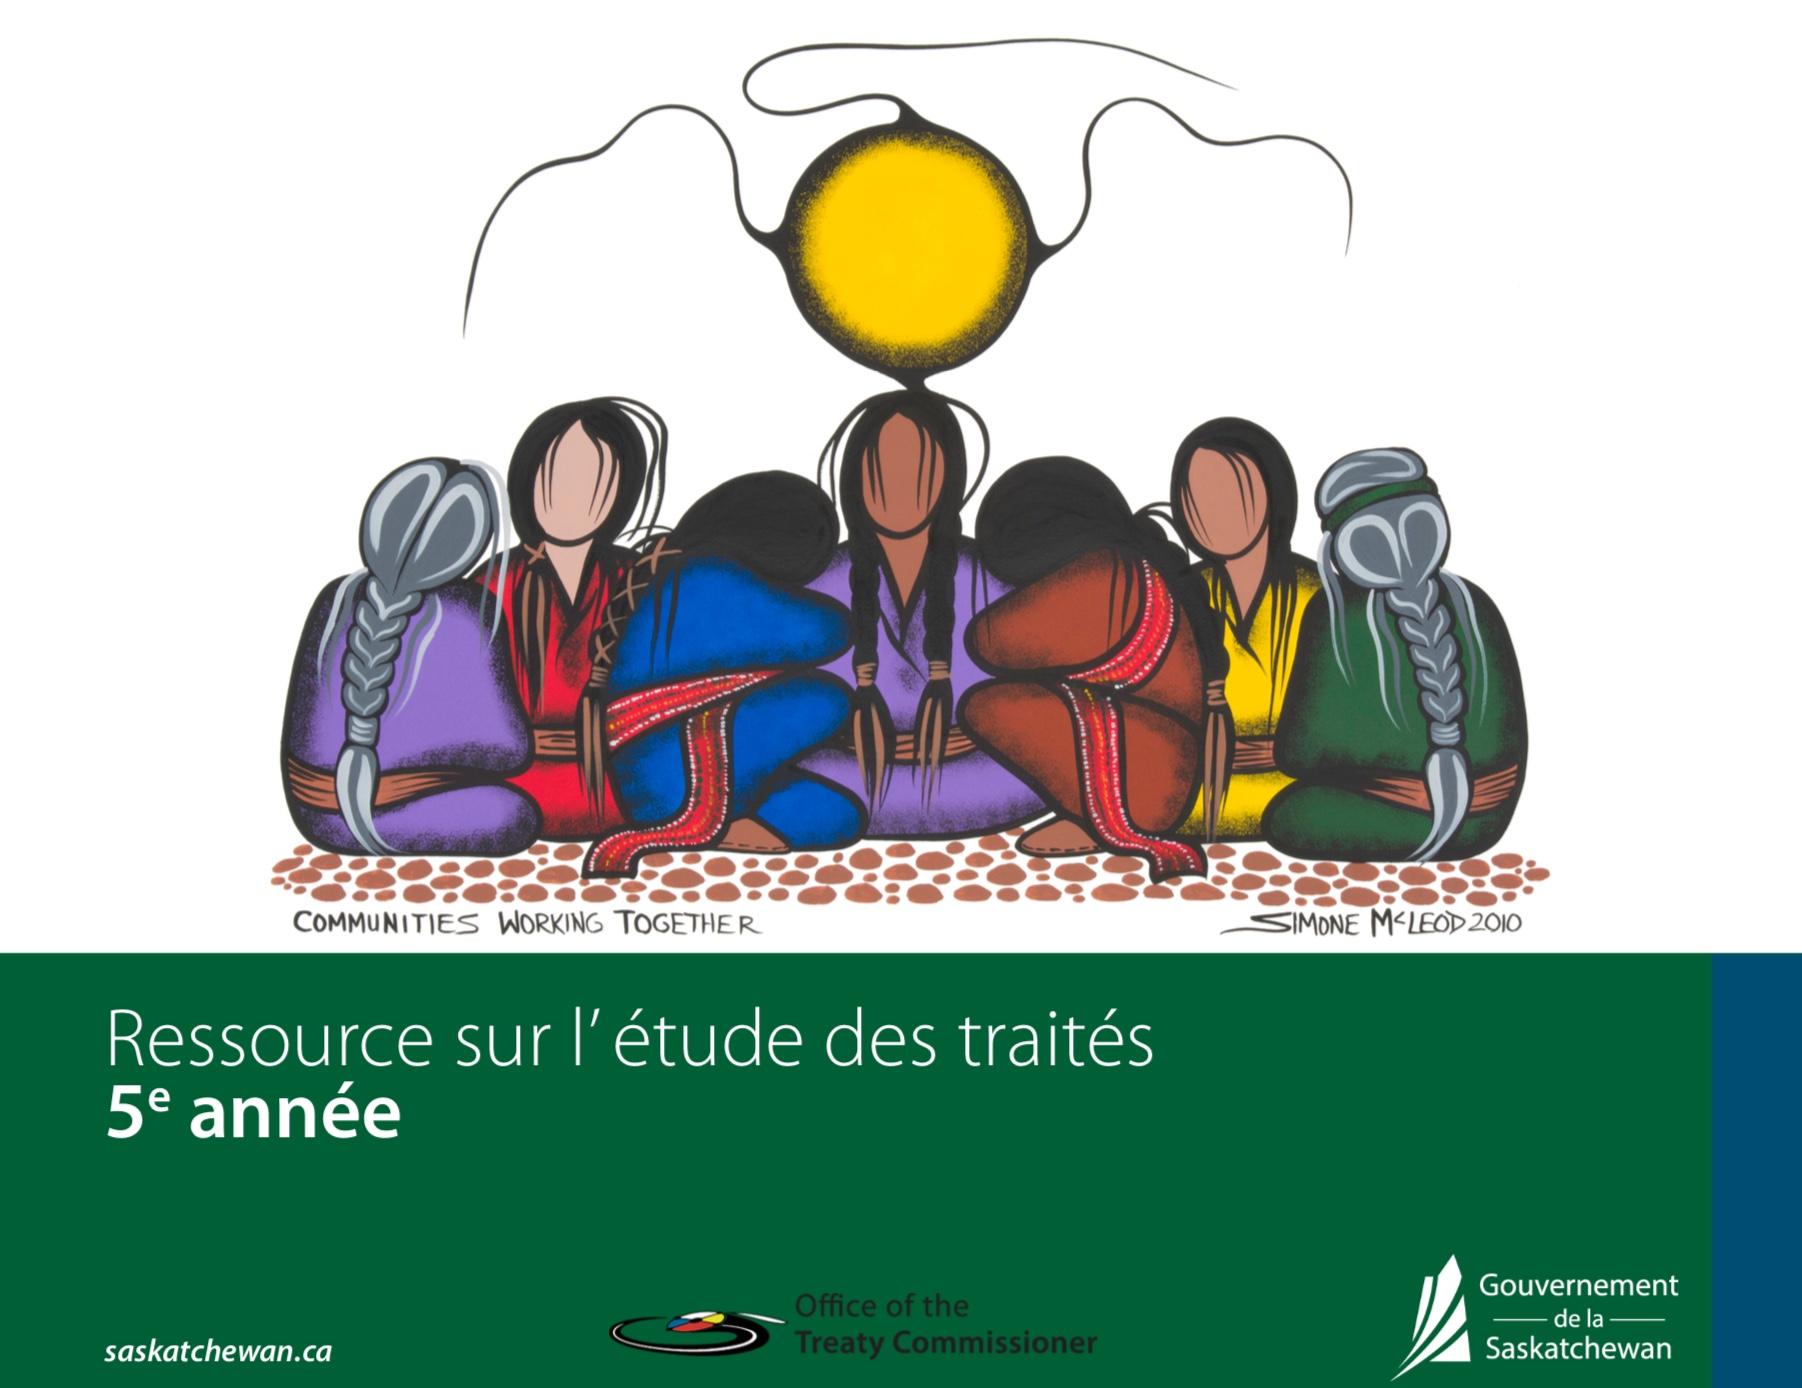 Ressource sur l' étude des traités - 5e année